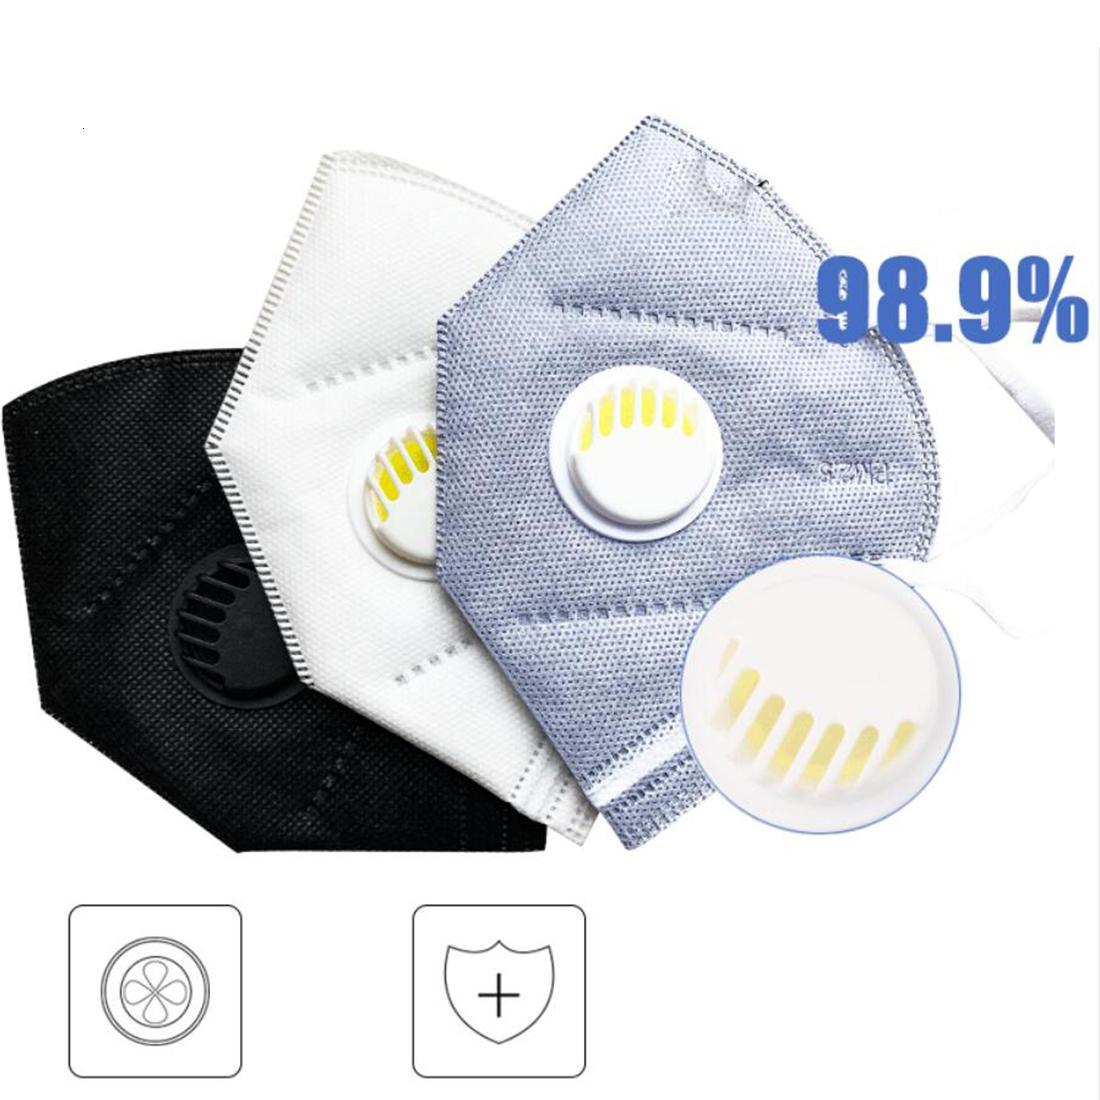 5 Schicht Beatmungsgerät Verschiffen frei Masken wiederverwendbare Gesichtsmaske Mascherine Maske Mascara Masque Masken Gesicht Protect Gesundheit Ihrer Familie Maske